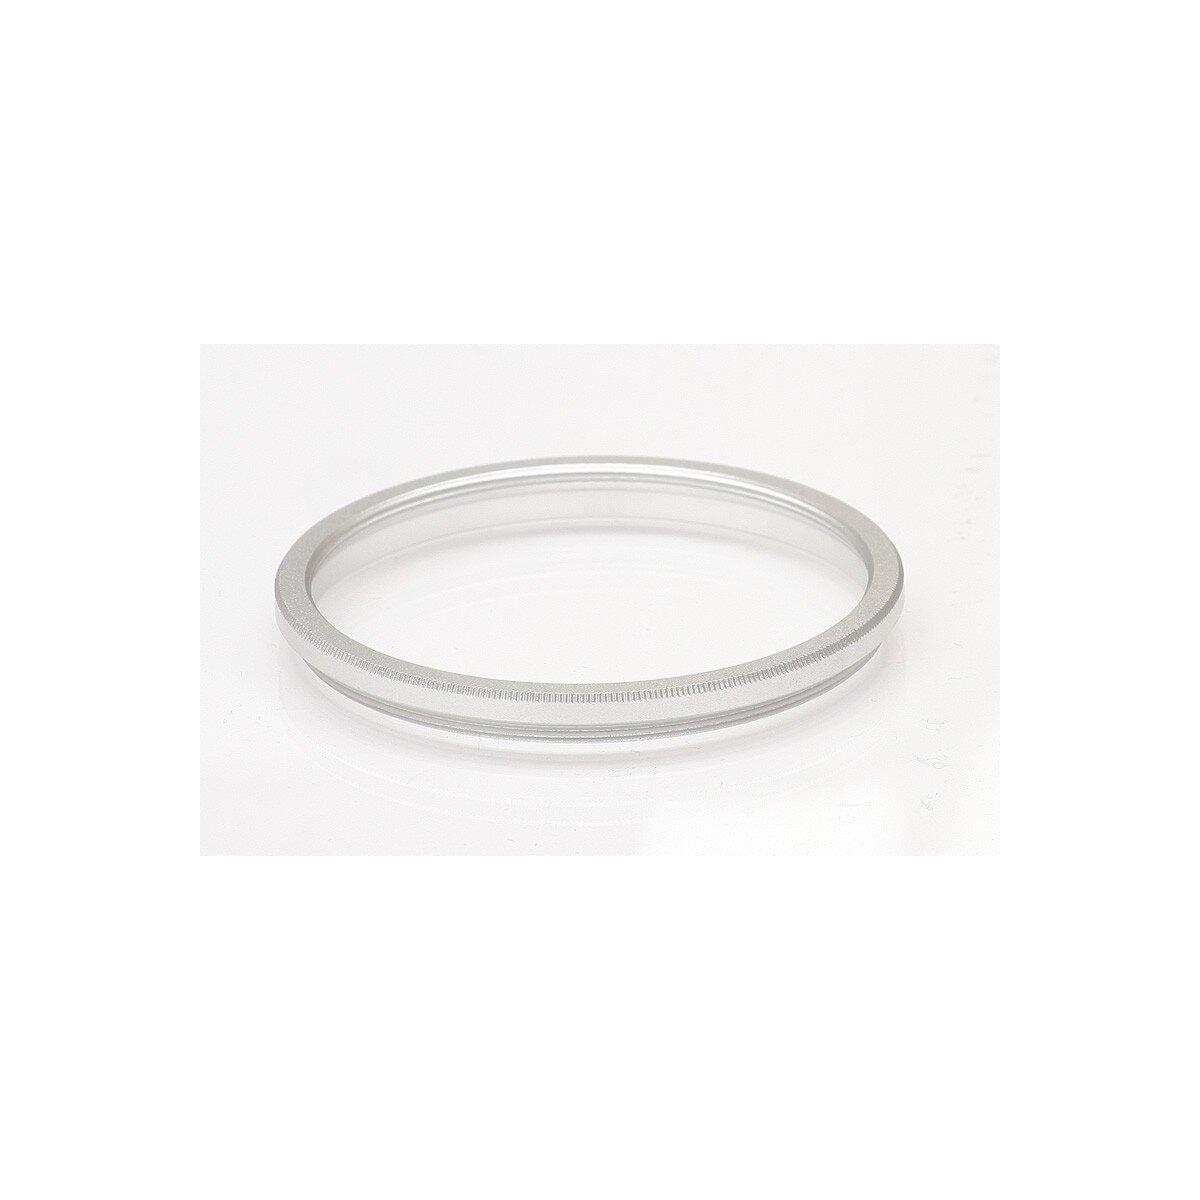 Adapterring 55mm - 52mm: 55mm Außengewinde und 52mm Innengewinde (Step Down Ring) - in silber